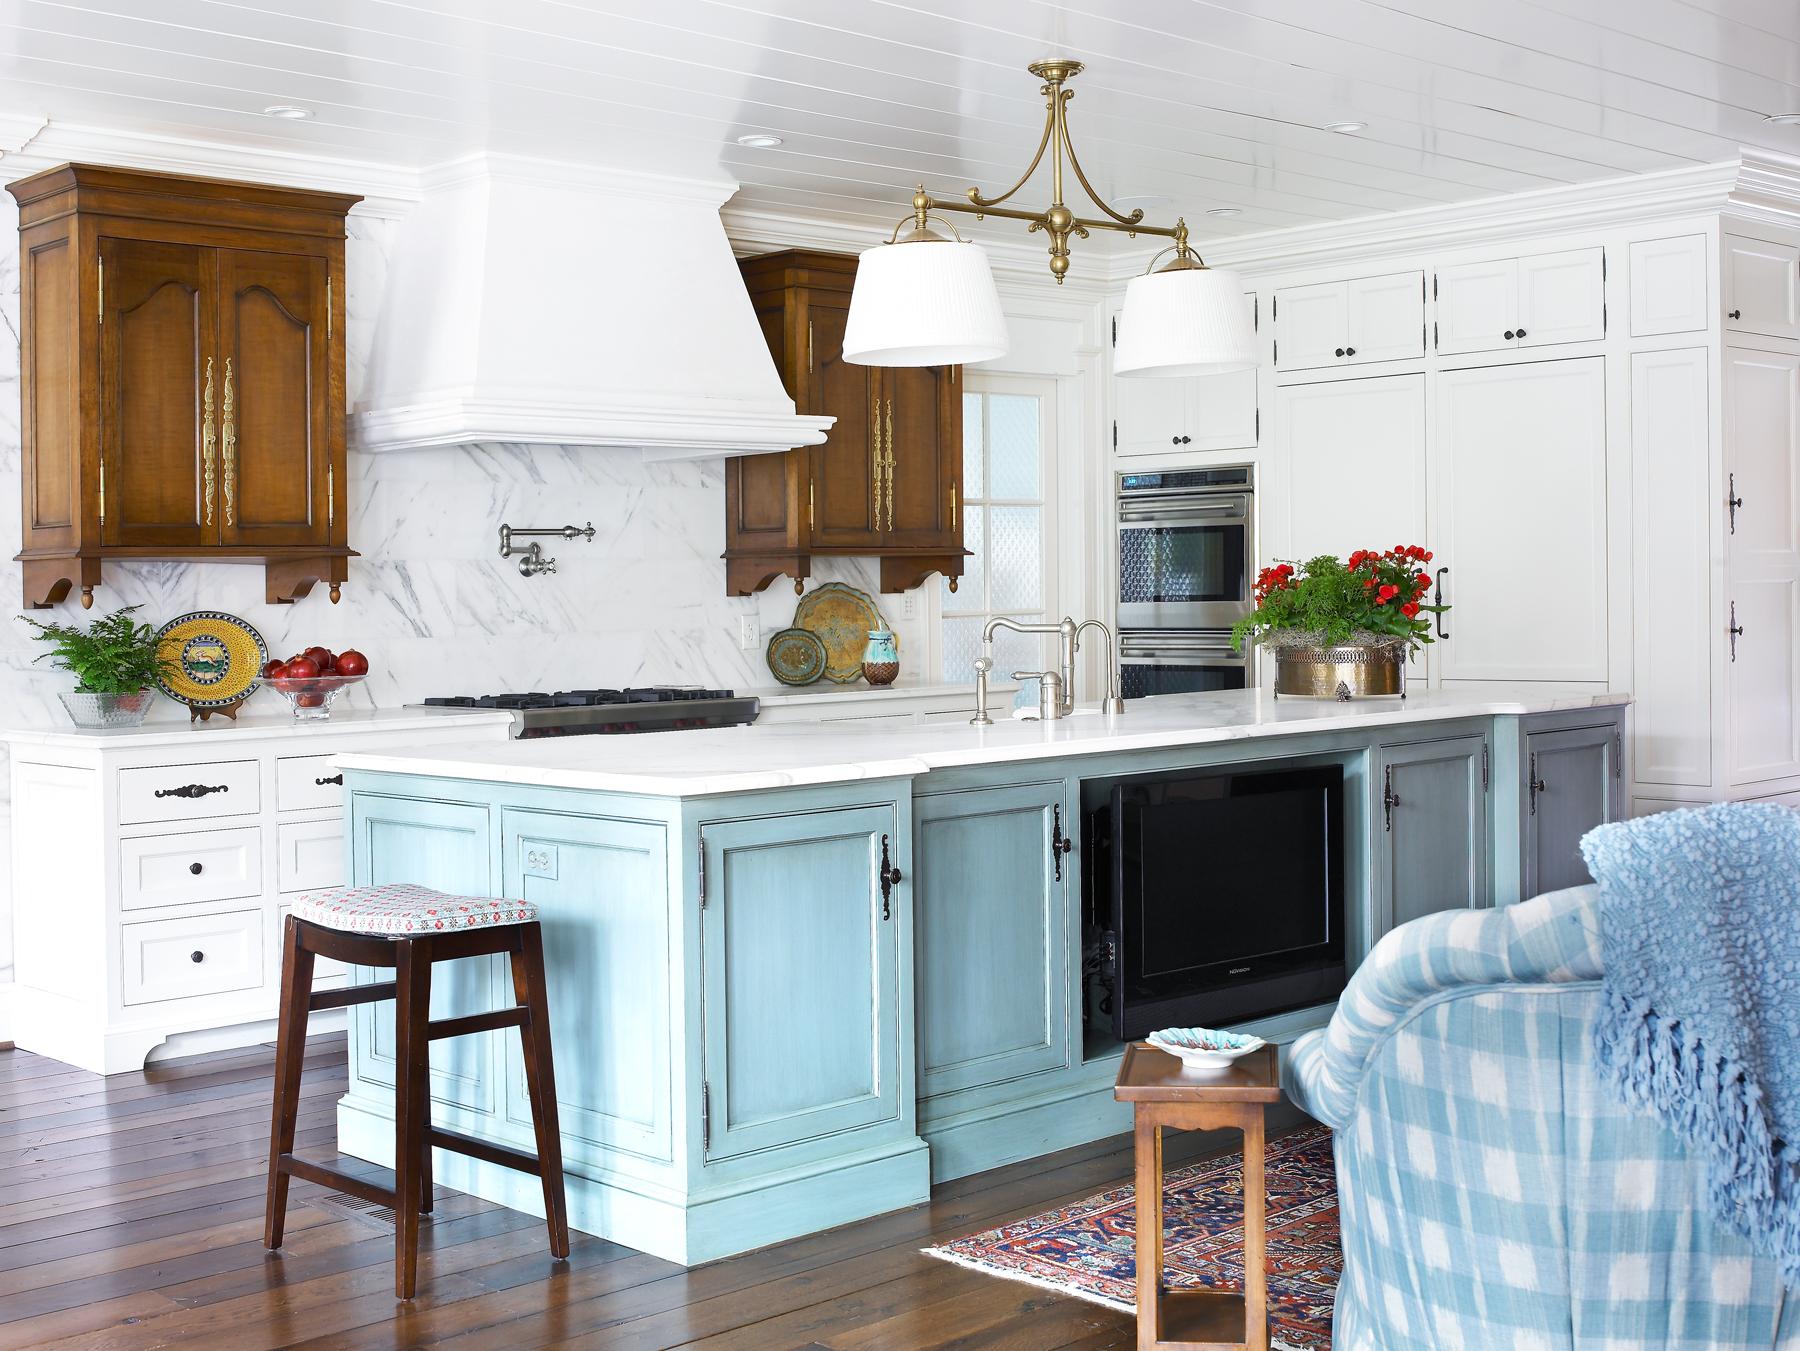 Une belle combinaison de meubles blancs et bleus à l'intérieur de la cuisine